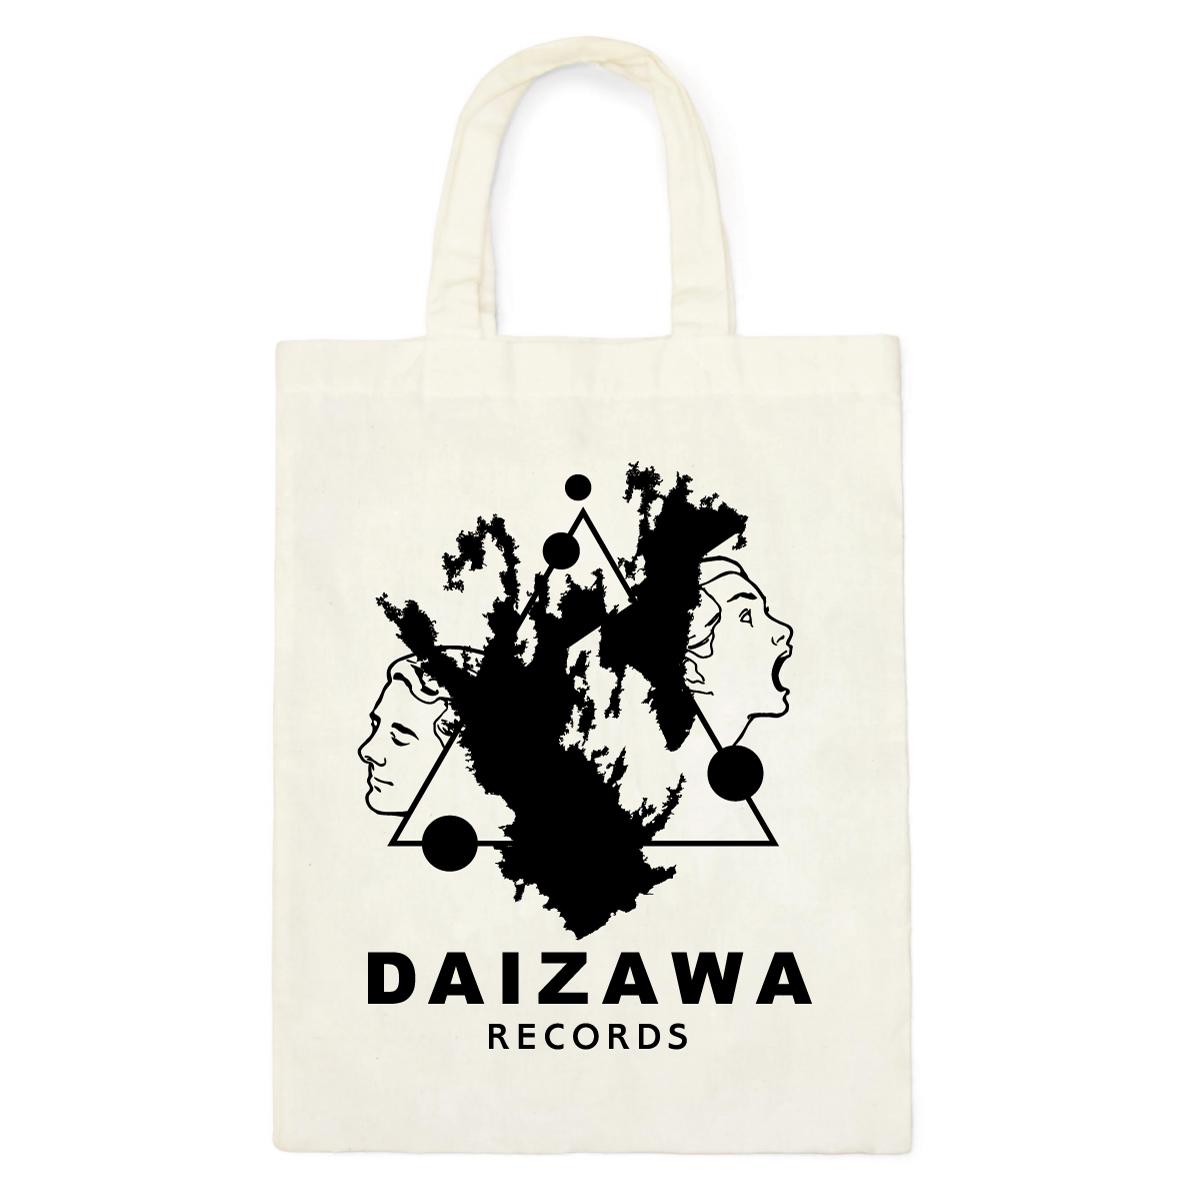 DAIZAWA RECORDSロゴ入りトートバック